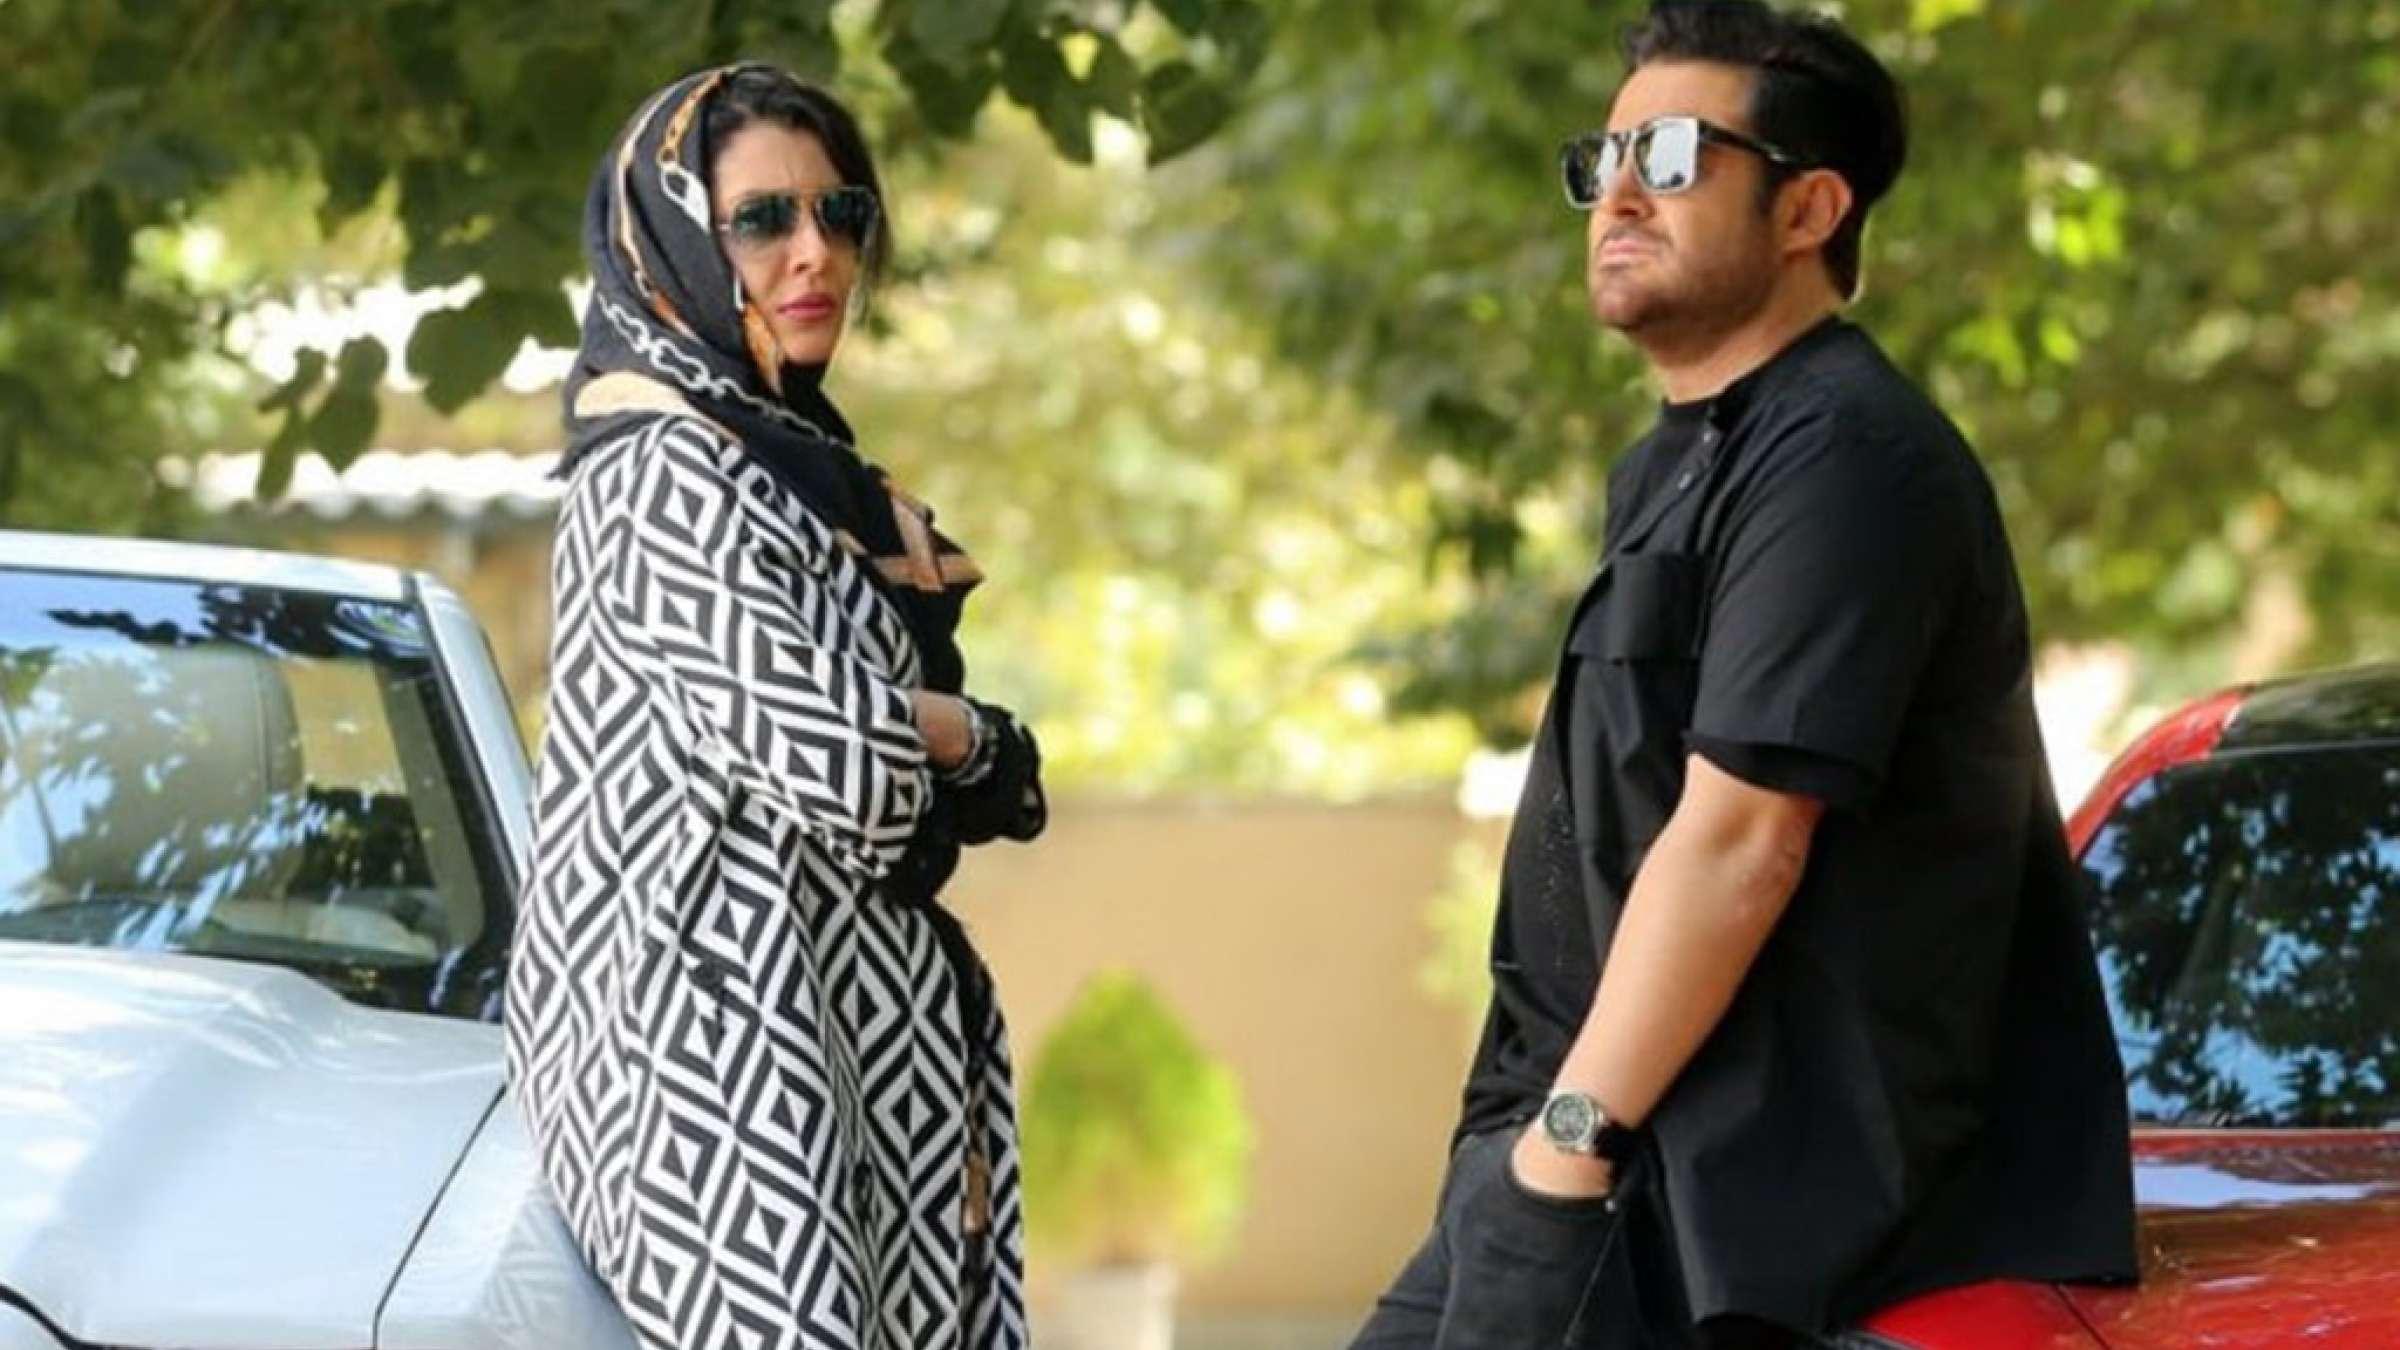 رحمان-1400-محمدرضا-گلزار-ناظمزاده-فیلم